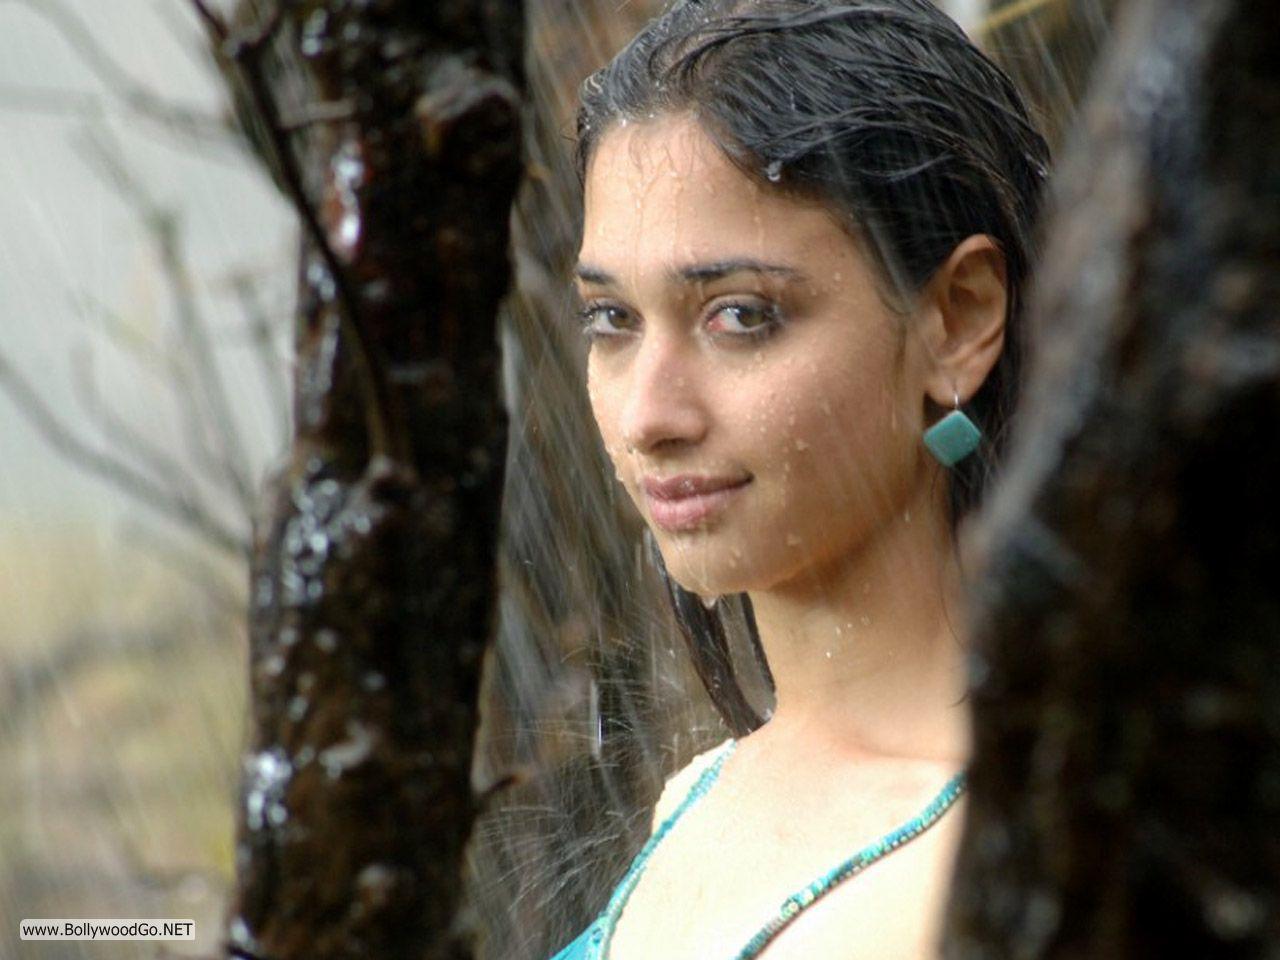 actress tamanna nude picture original source of image